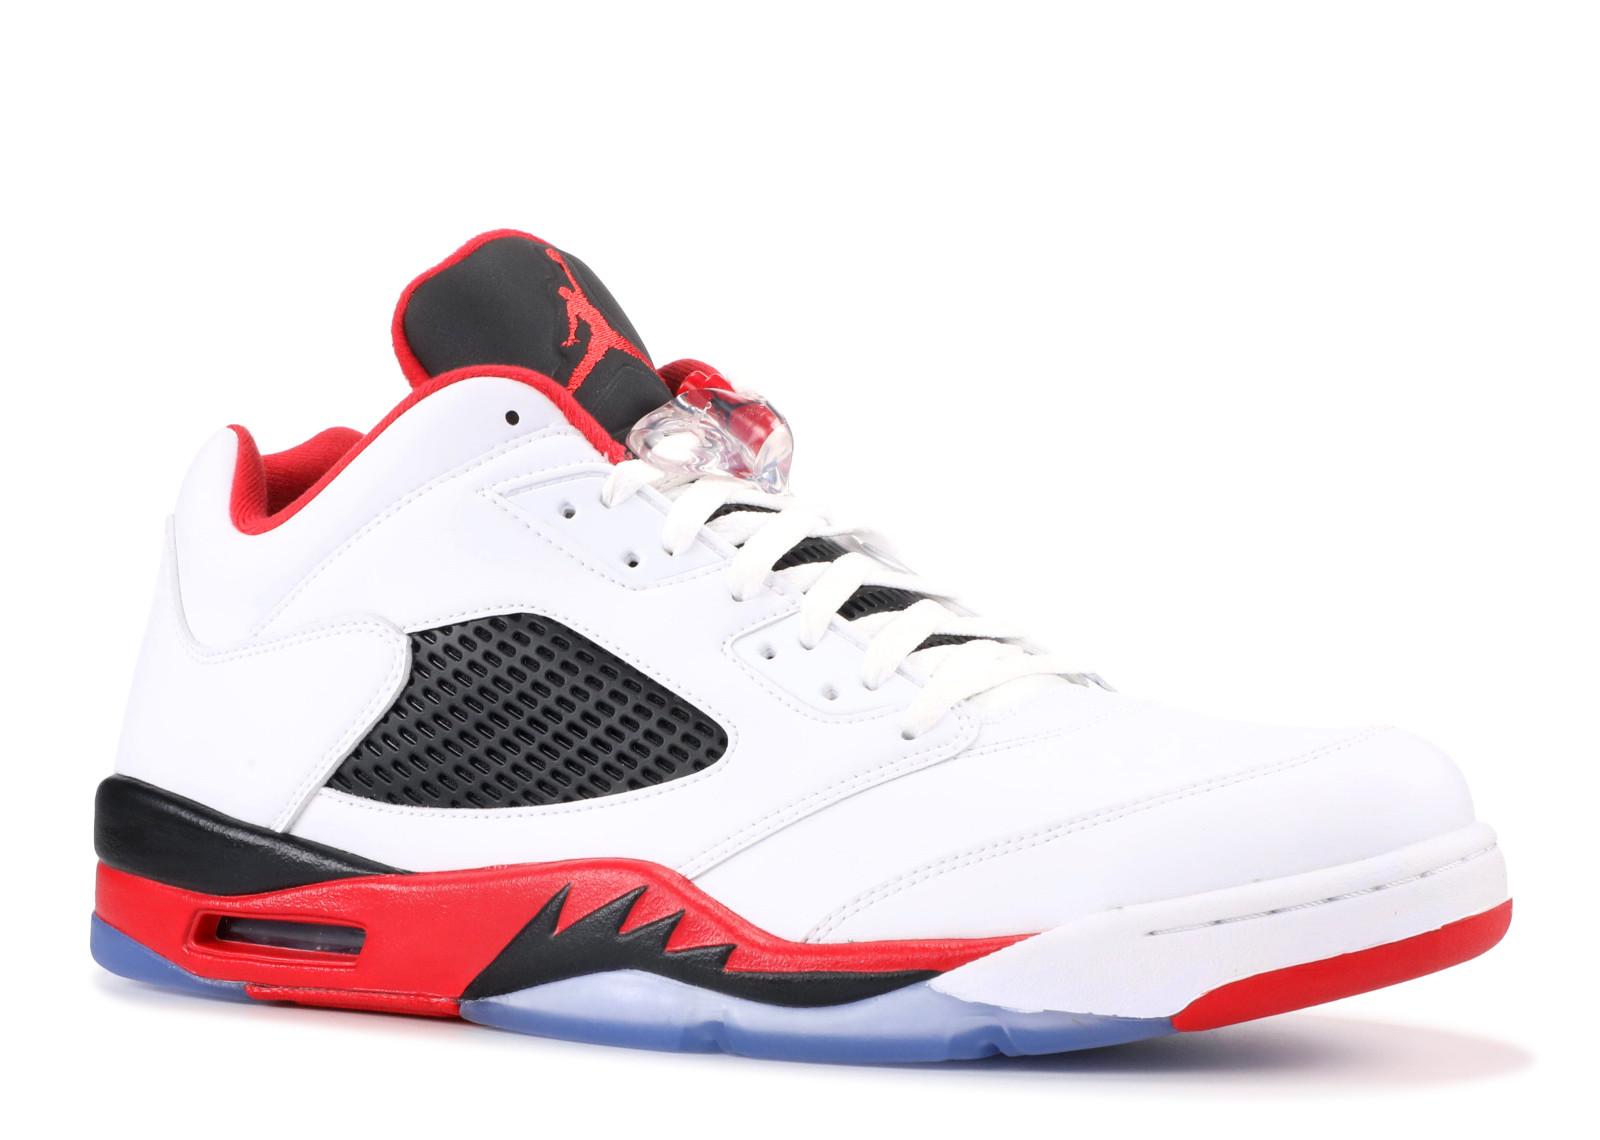 842d677e23a Kick Avenue - Authentic Sneakers